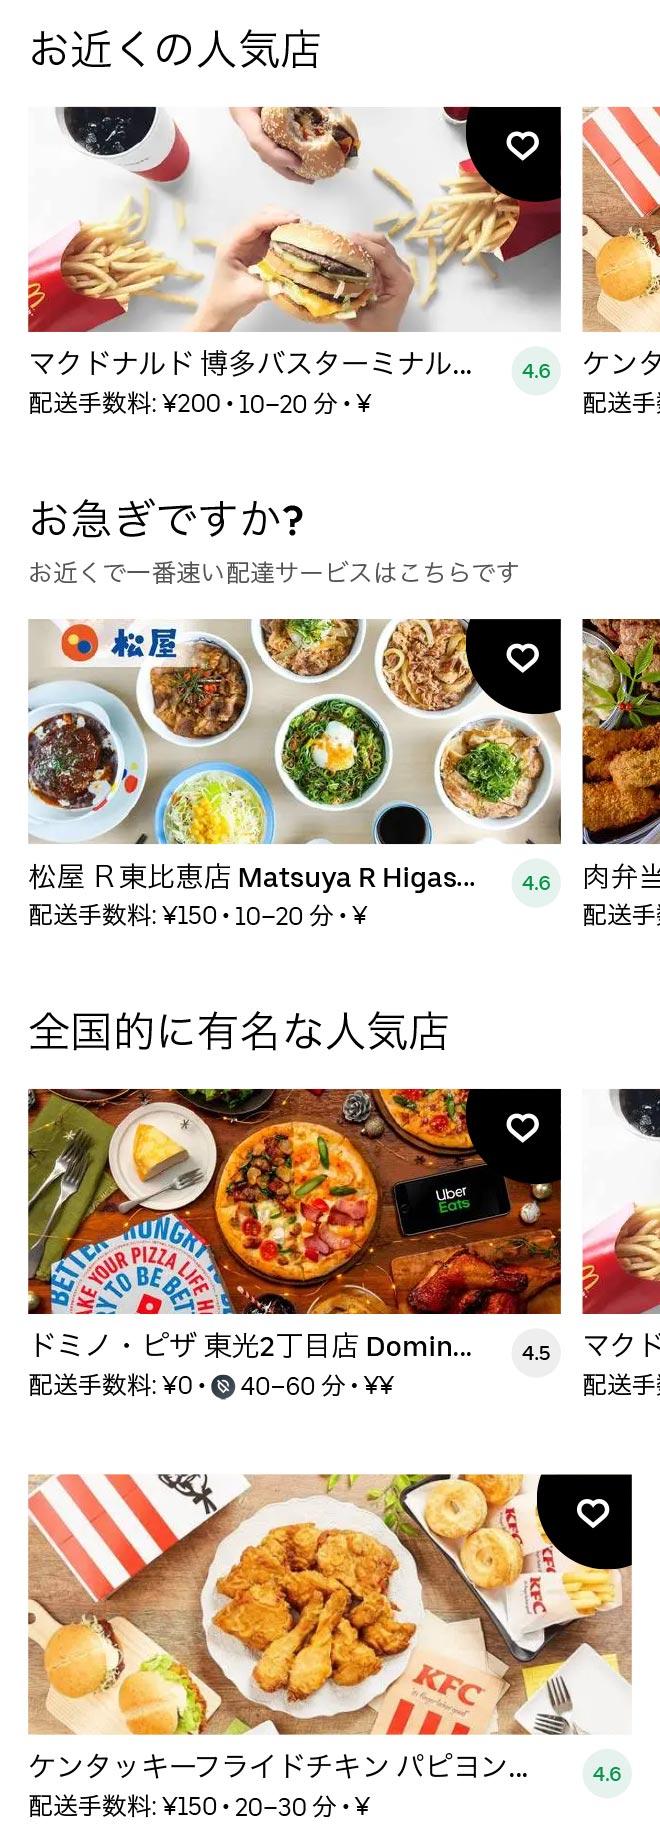 Higashi hie menu 2101 01